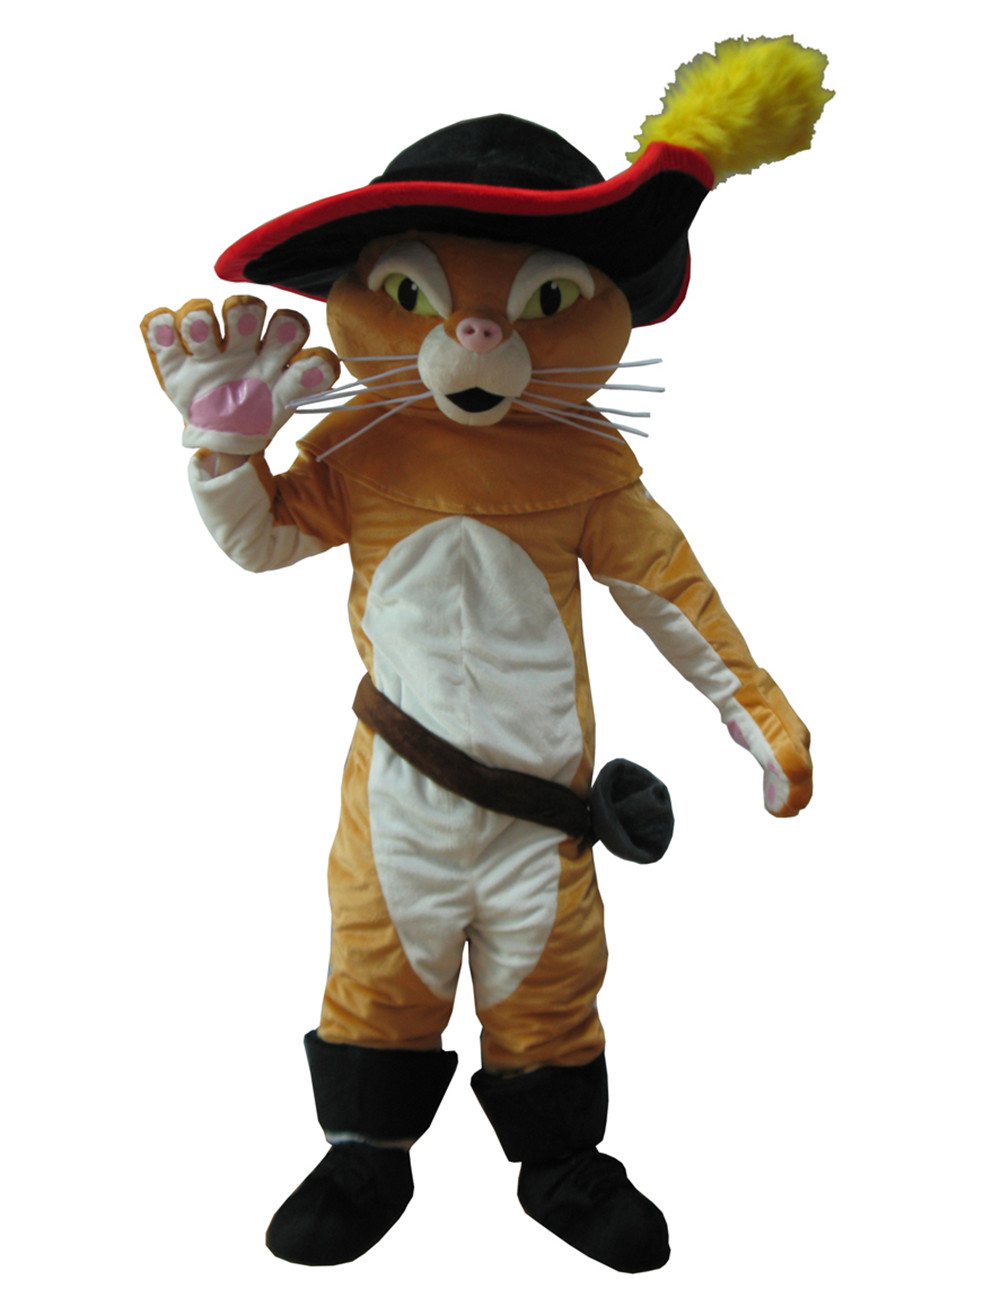 Adulte chat chat mascotte Costume Costumes de fête carnaval Costumes déguisements Costumes livraison gratuite